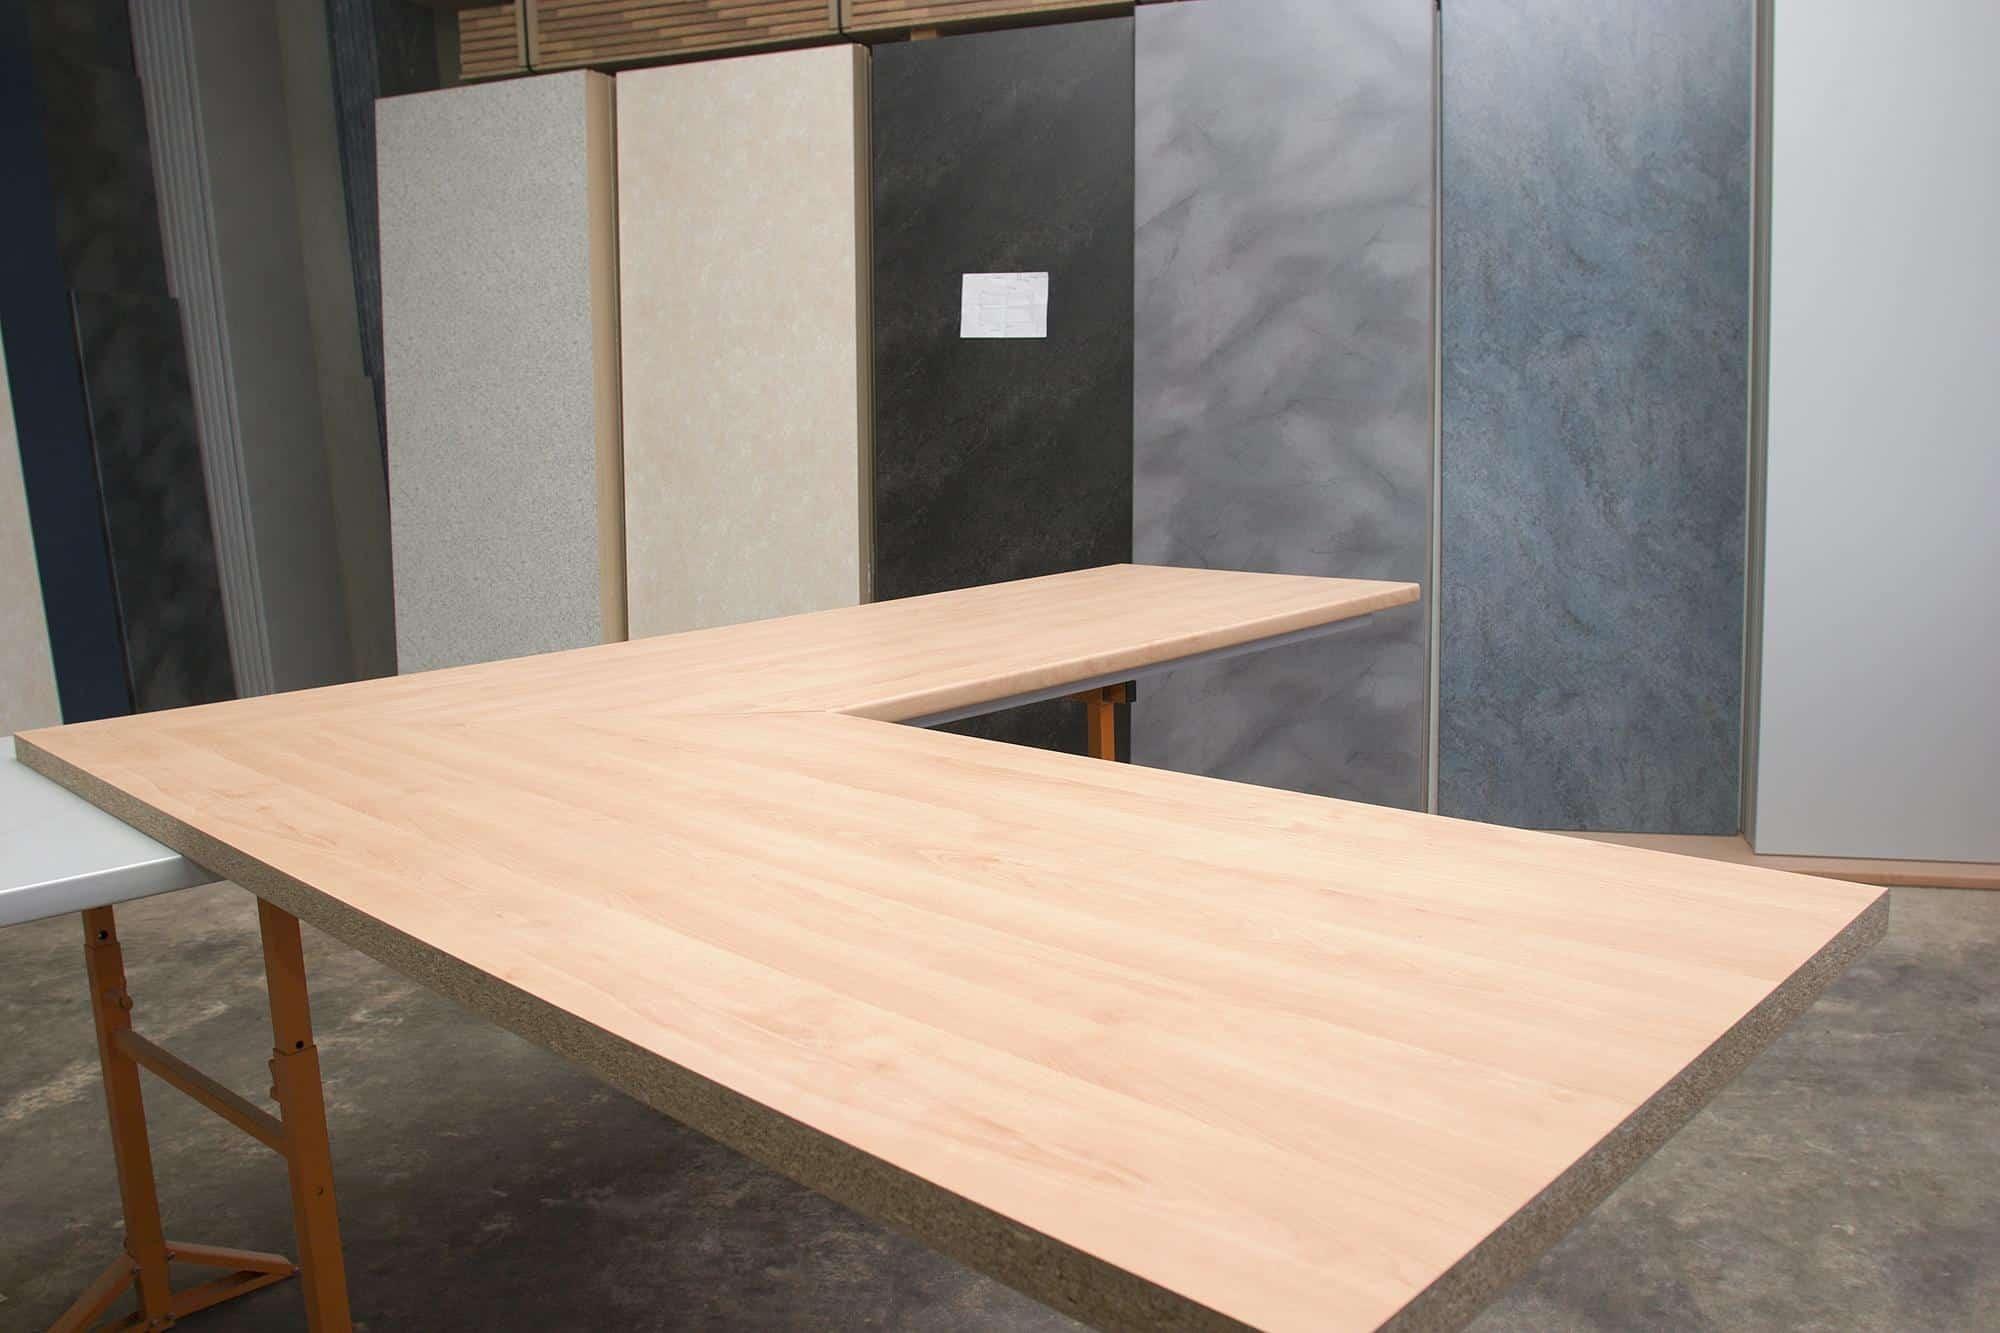 Häufig Schreibtischplatten – Arbeits-Platten-Paradies.Thomas KL03